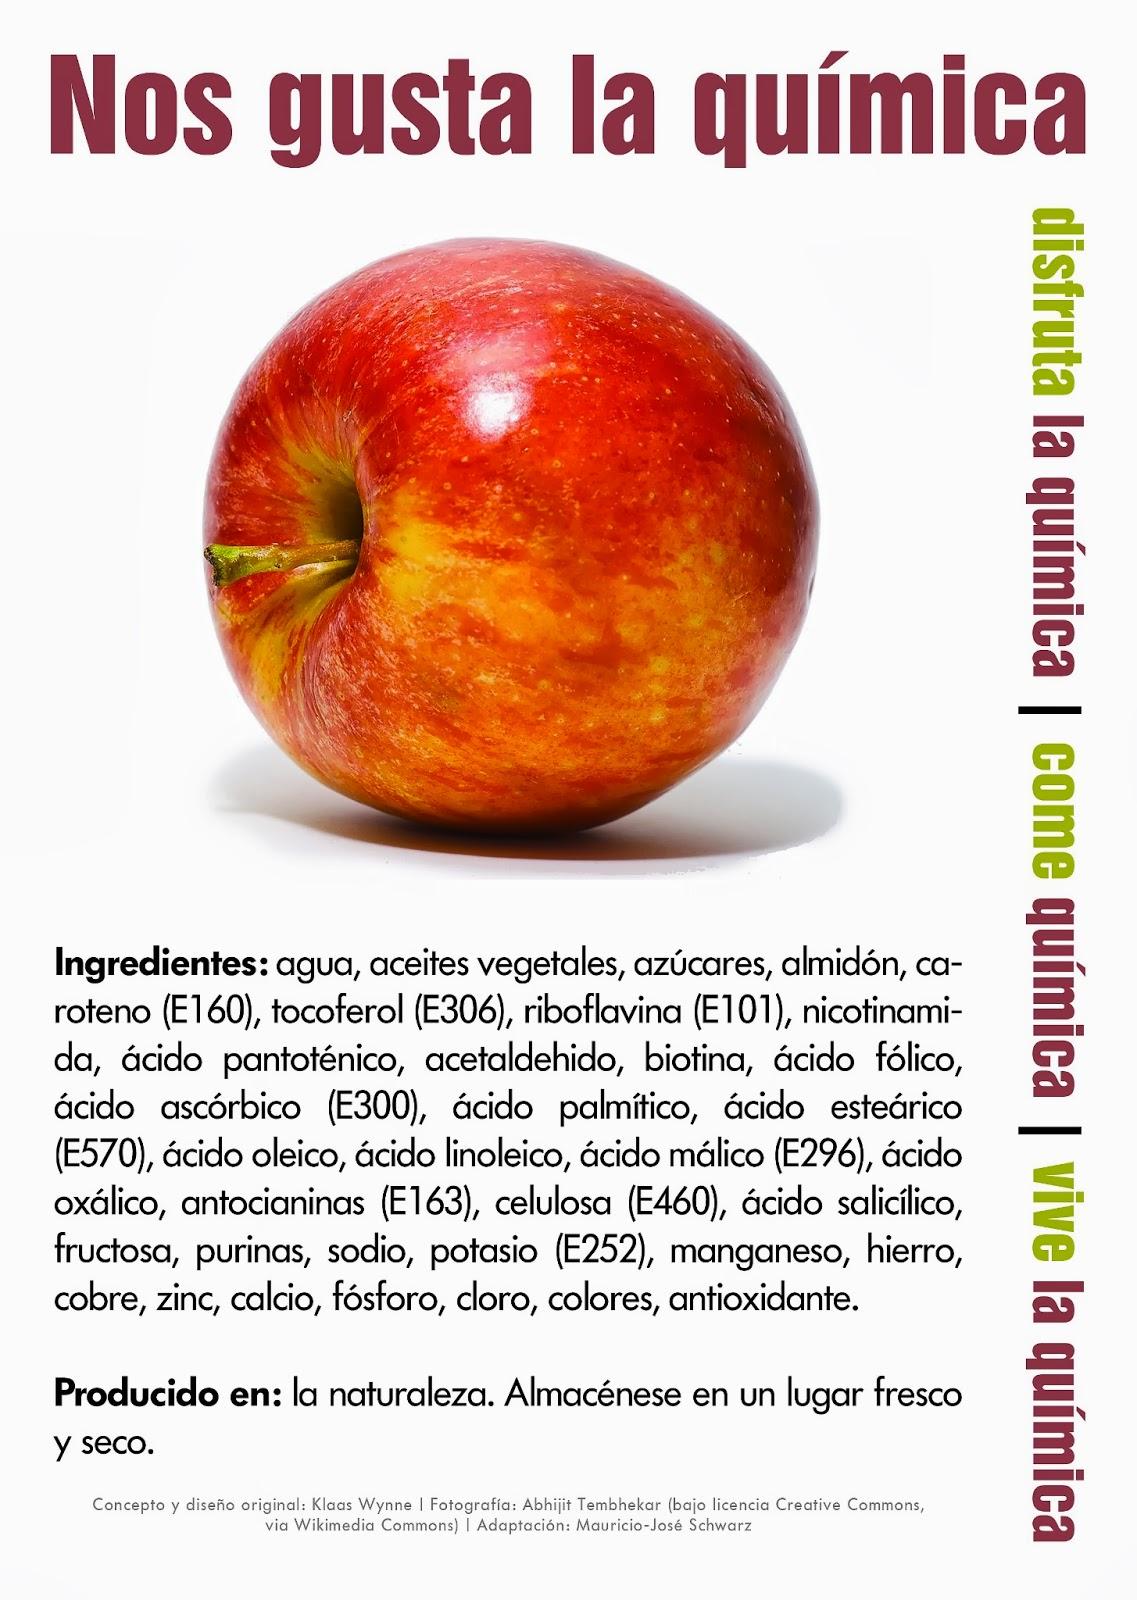 Nos gusta la quimica entrada n 500 una manzana xabier for Resumen del libro quimica en la cocina